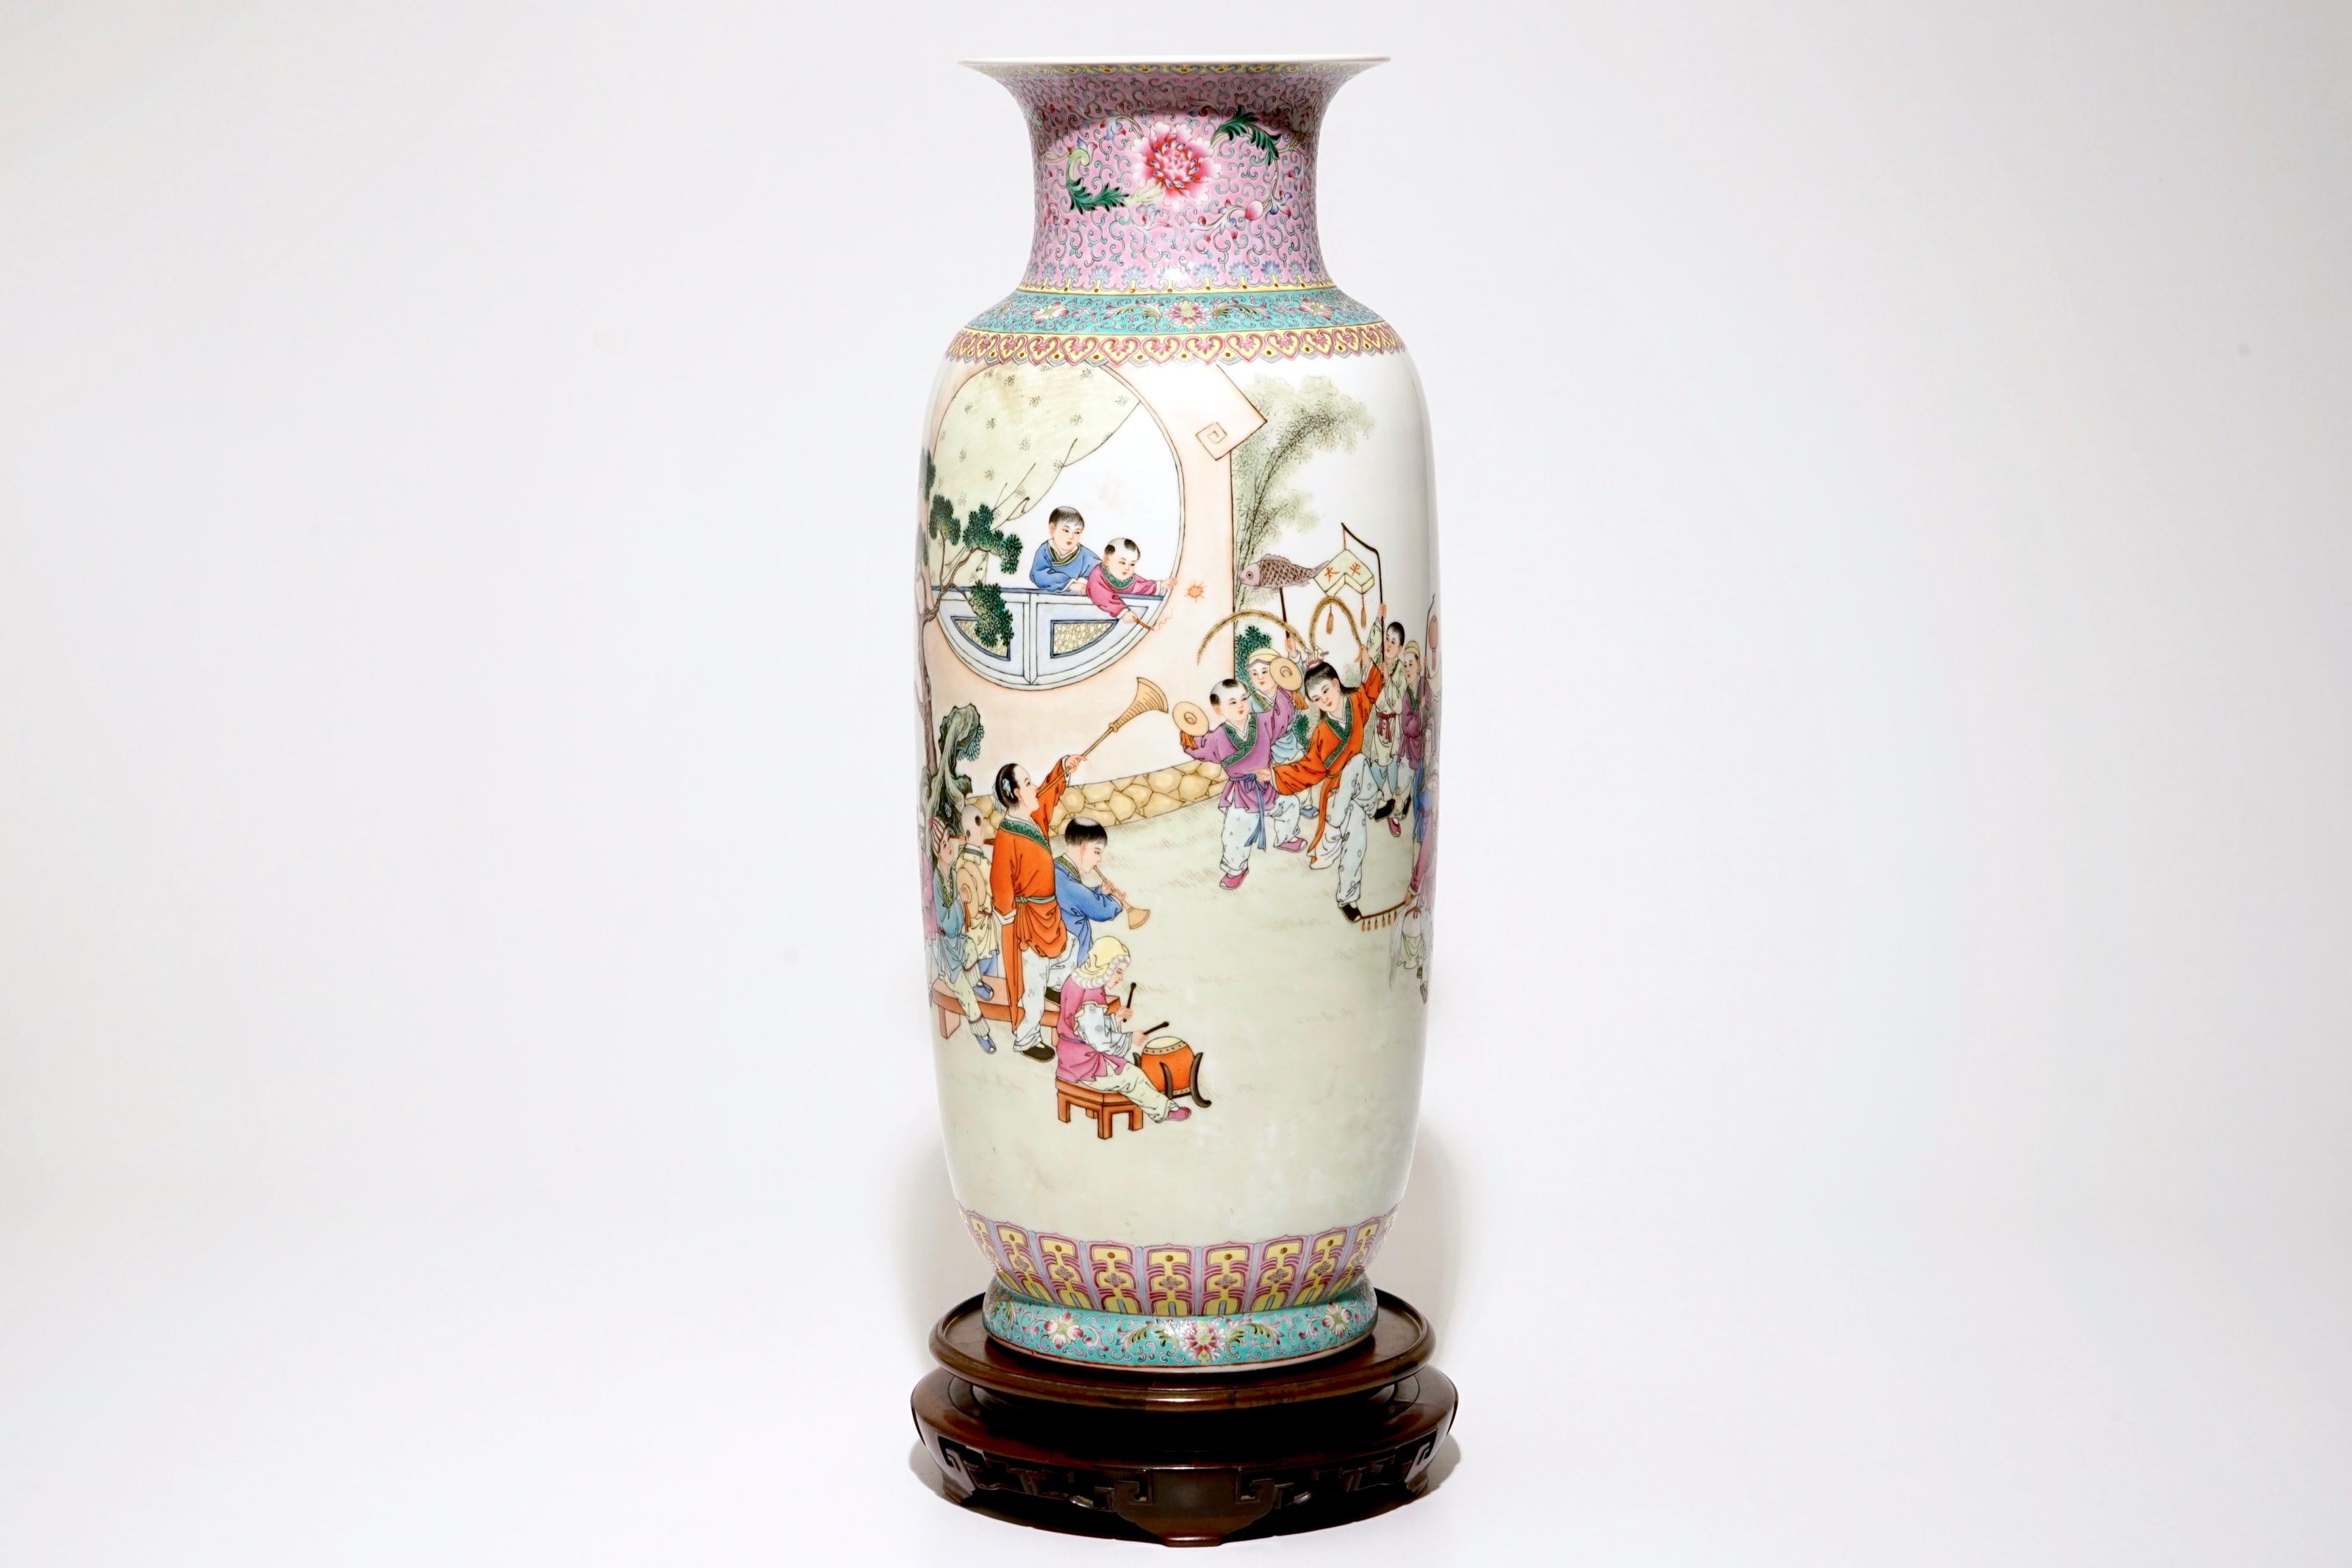 Antiek Chinees Porselein Herkennen.Uw Chinese Vazen Laten Schatten Of Taxeren Expert In Chinese Vazen